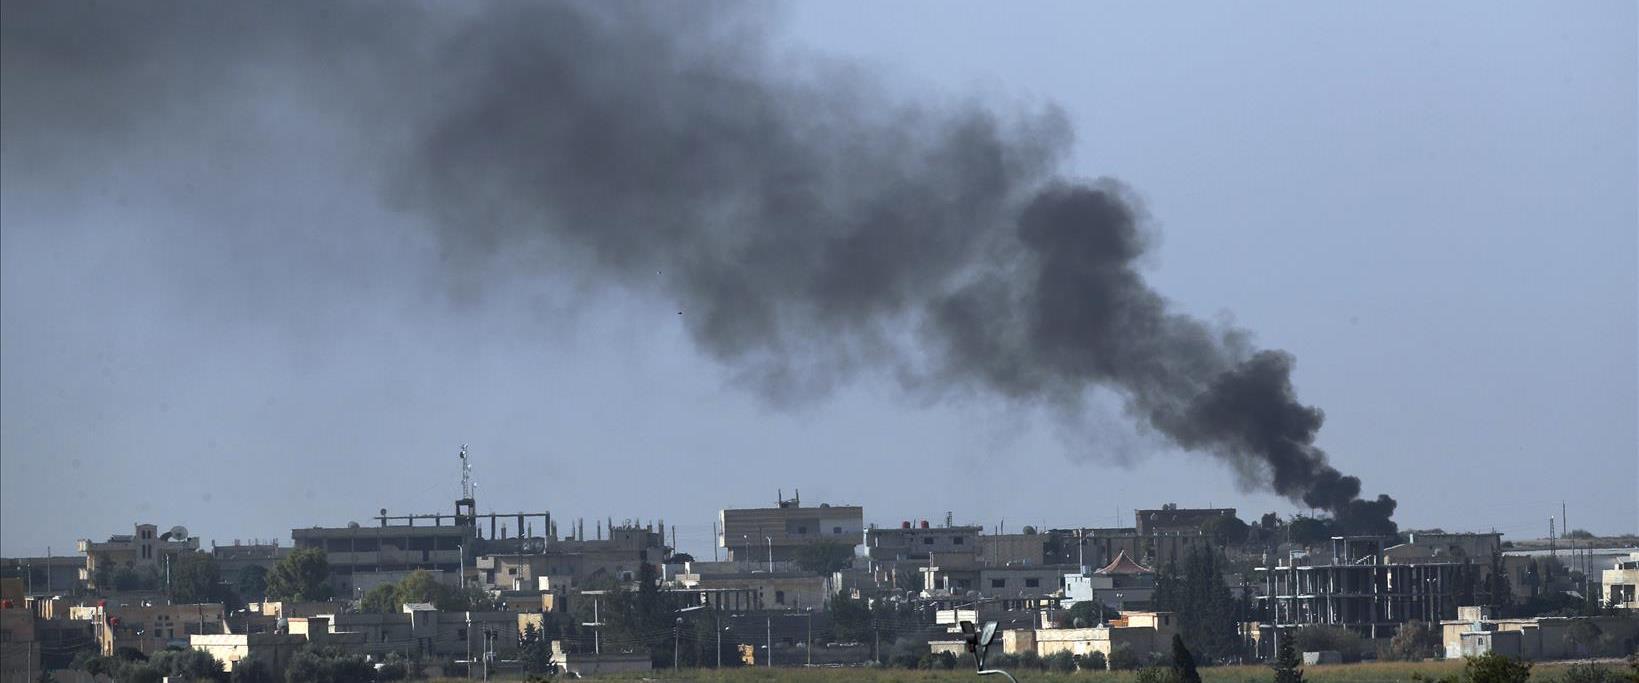 עשן מעל עיירת הגבול תל אבייד